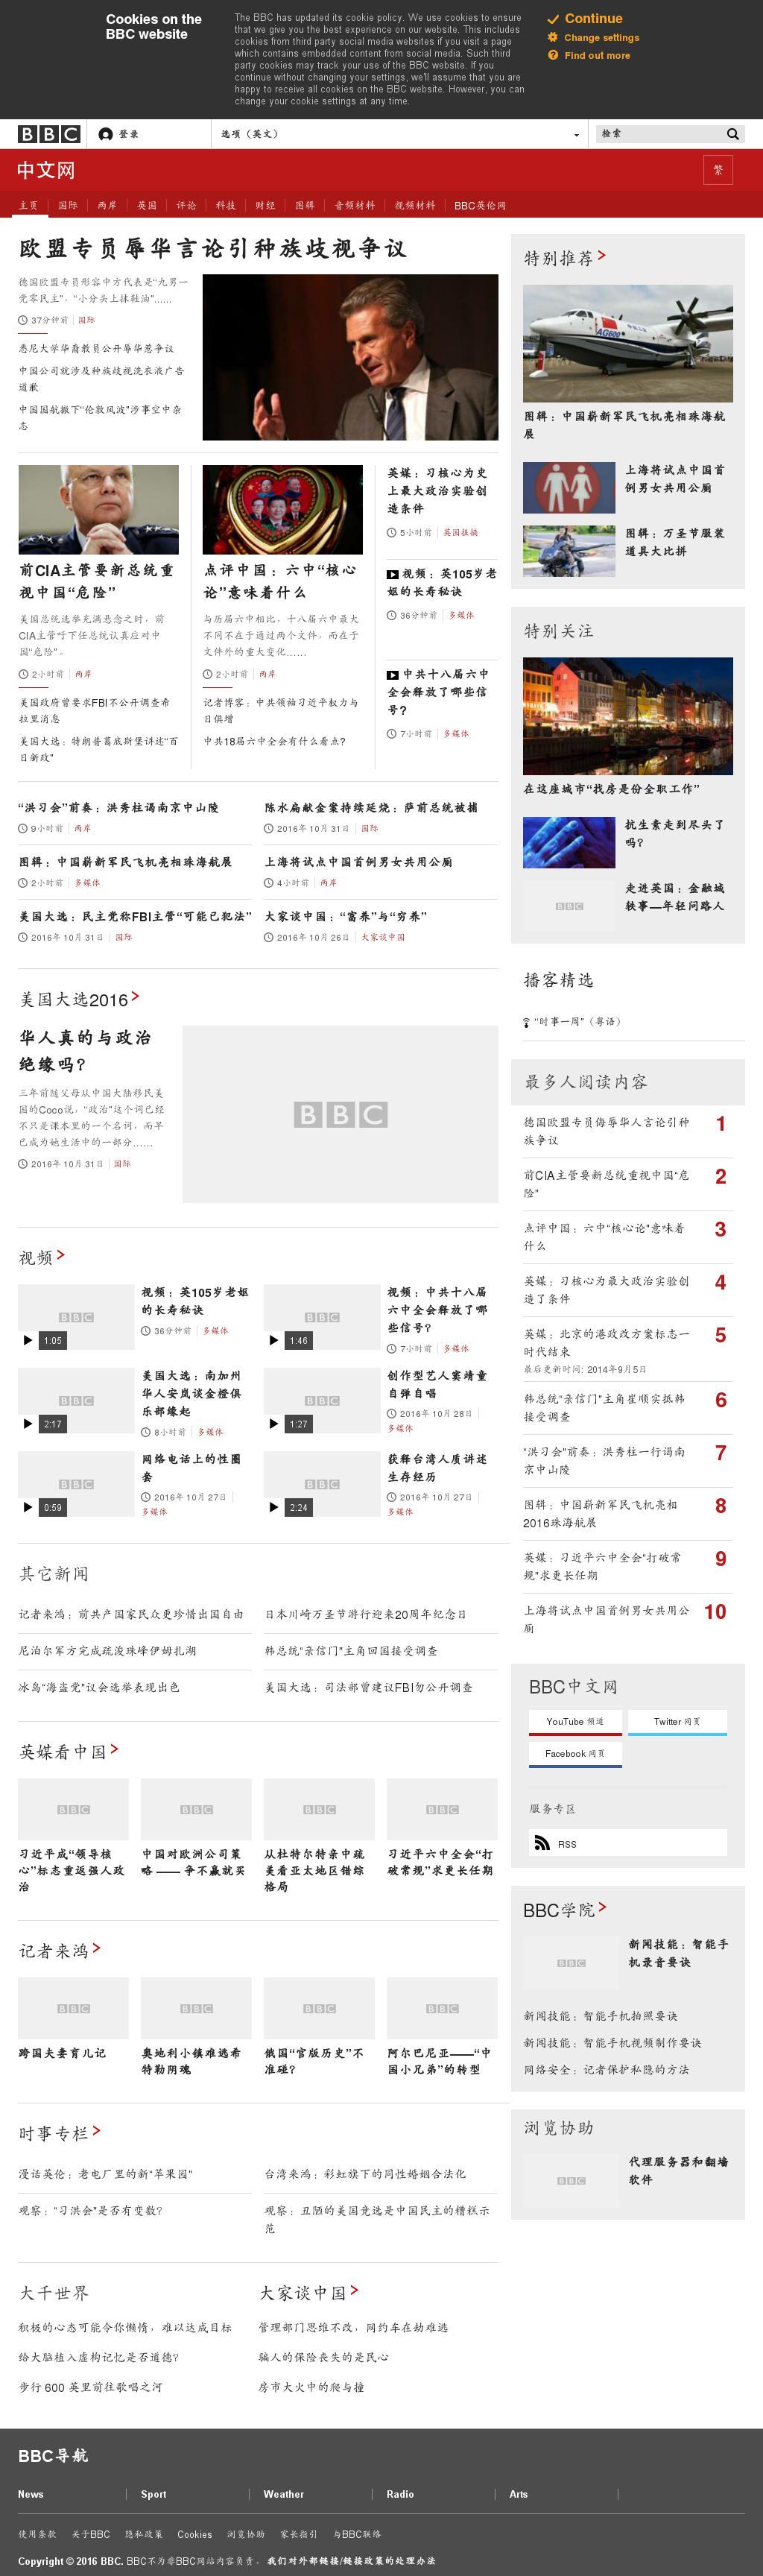 BBC (Chinese) at Monday Oct. 31, 2016, 5 p.m. UTC